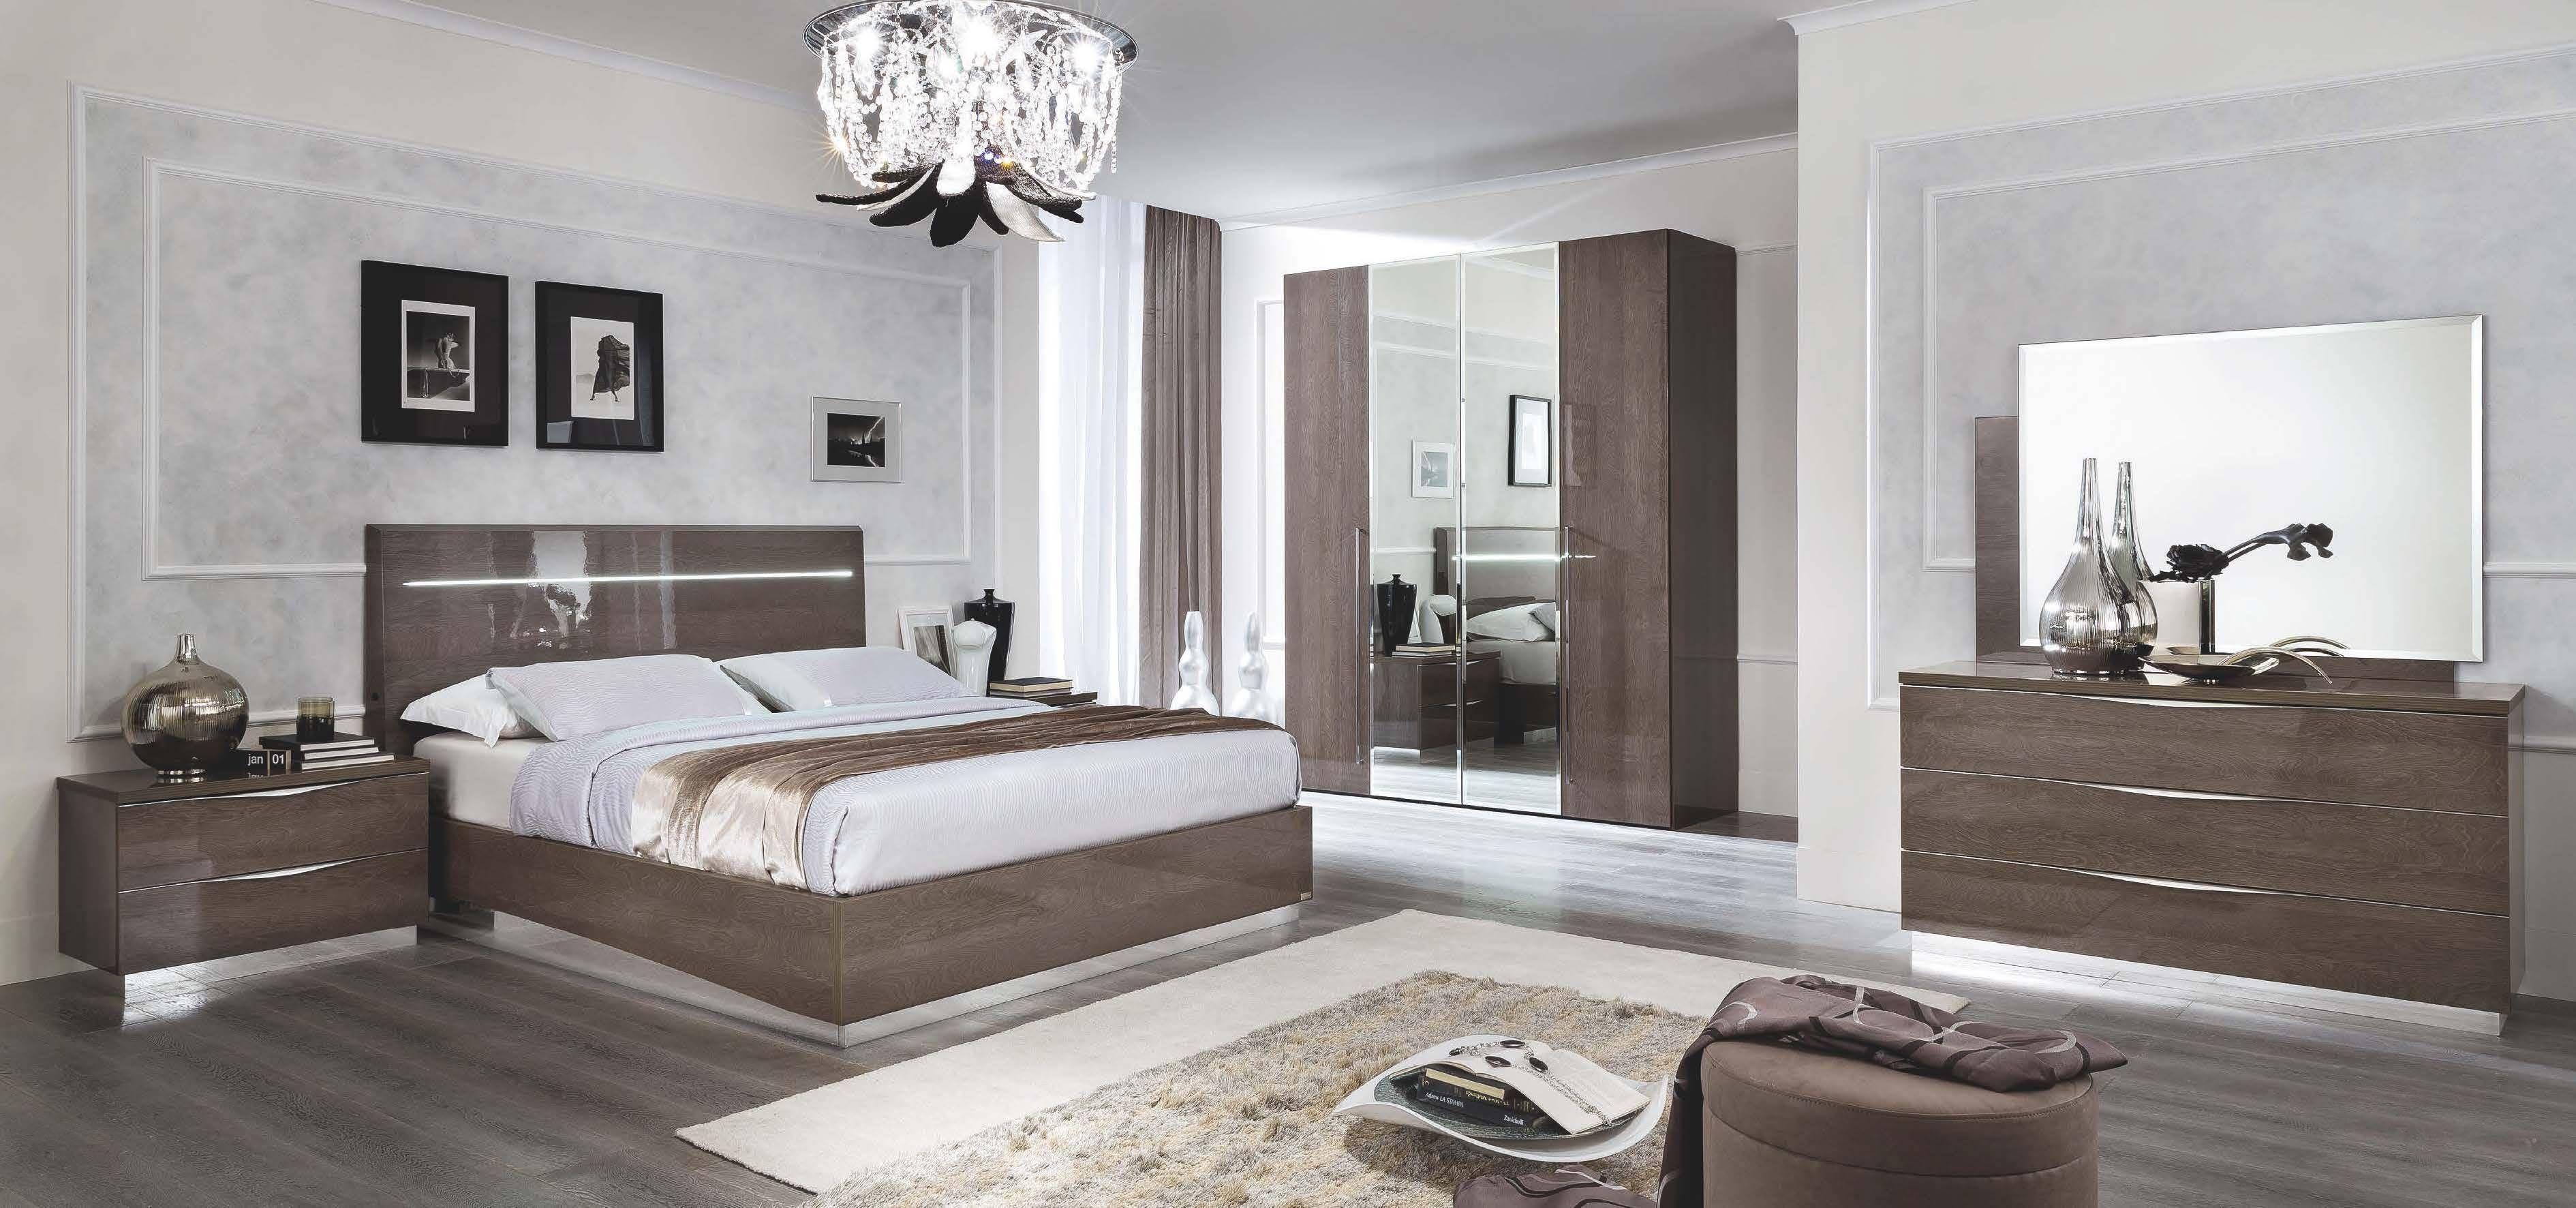 High End Schlafzimmer Mobel Unabhangig Von Der Grosse Des Master Schlafzimmer Die Folg Modern Bedroom Furniture Sets Modern Bedroom Furniture Modern Bedroom